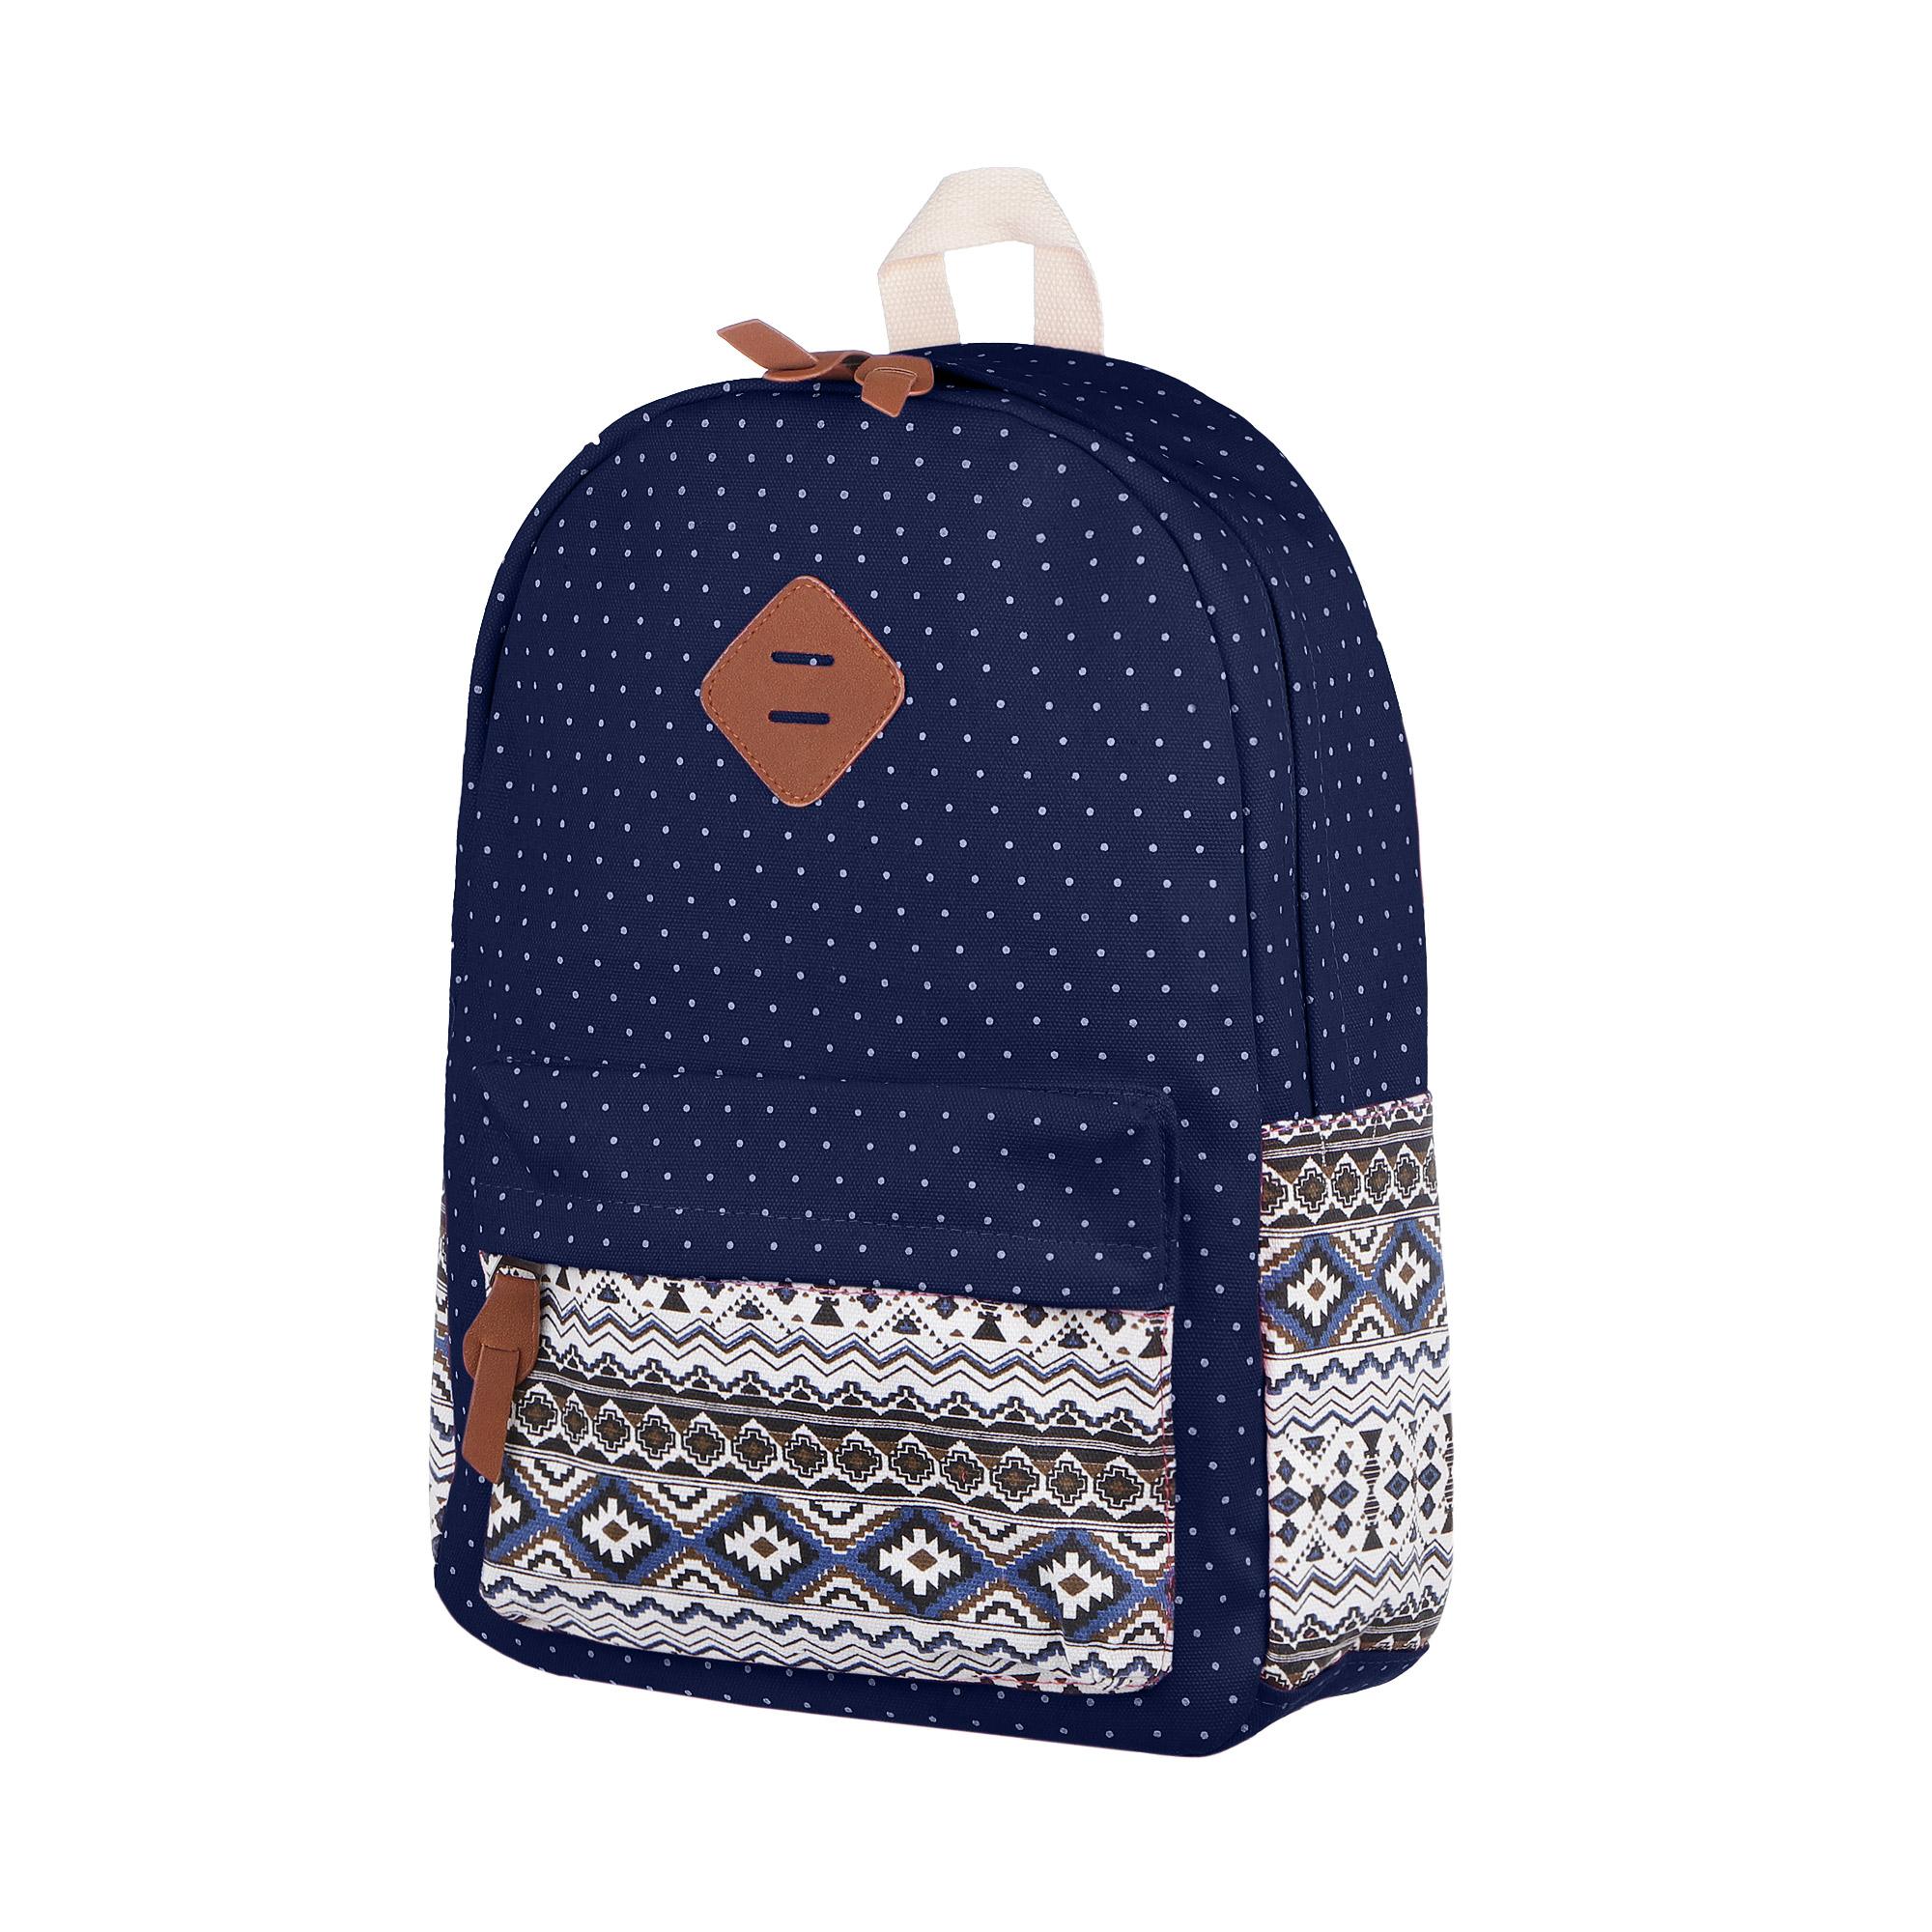 Рюкзак Baoding синий этно 30x42x14cm рюкзак chill синий деним